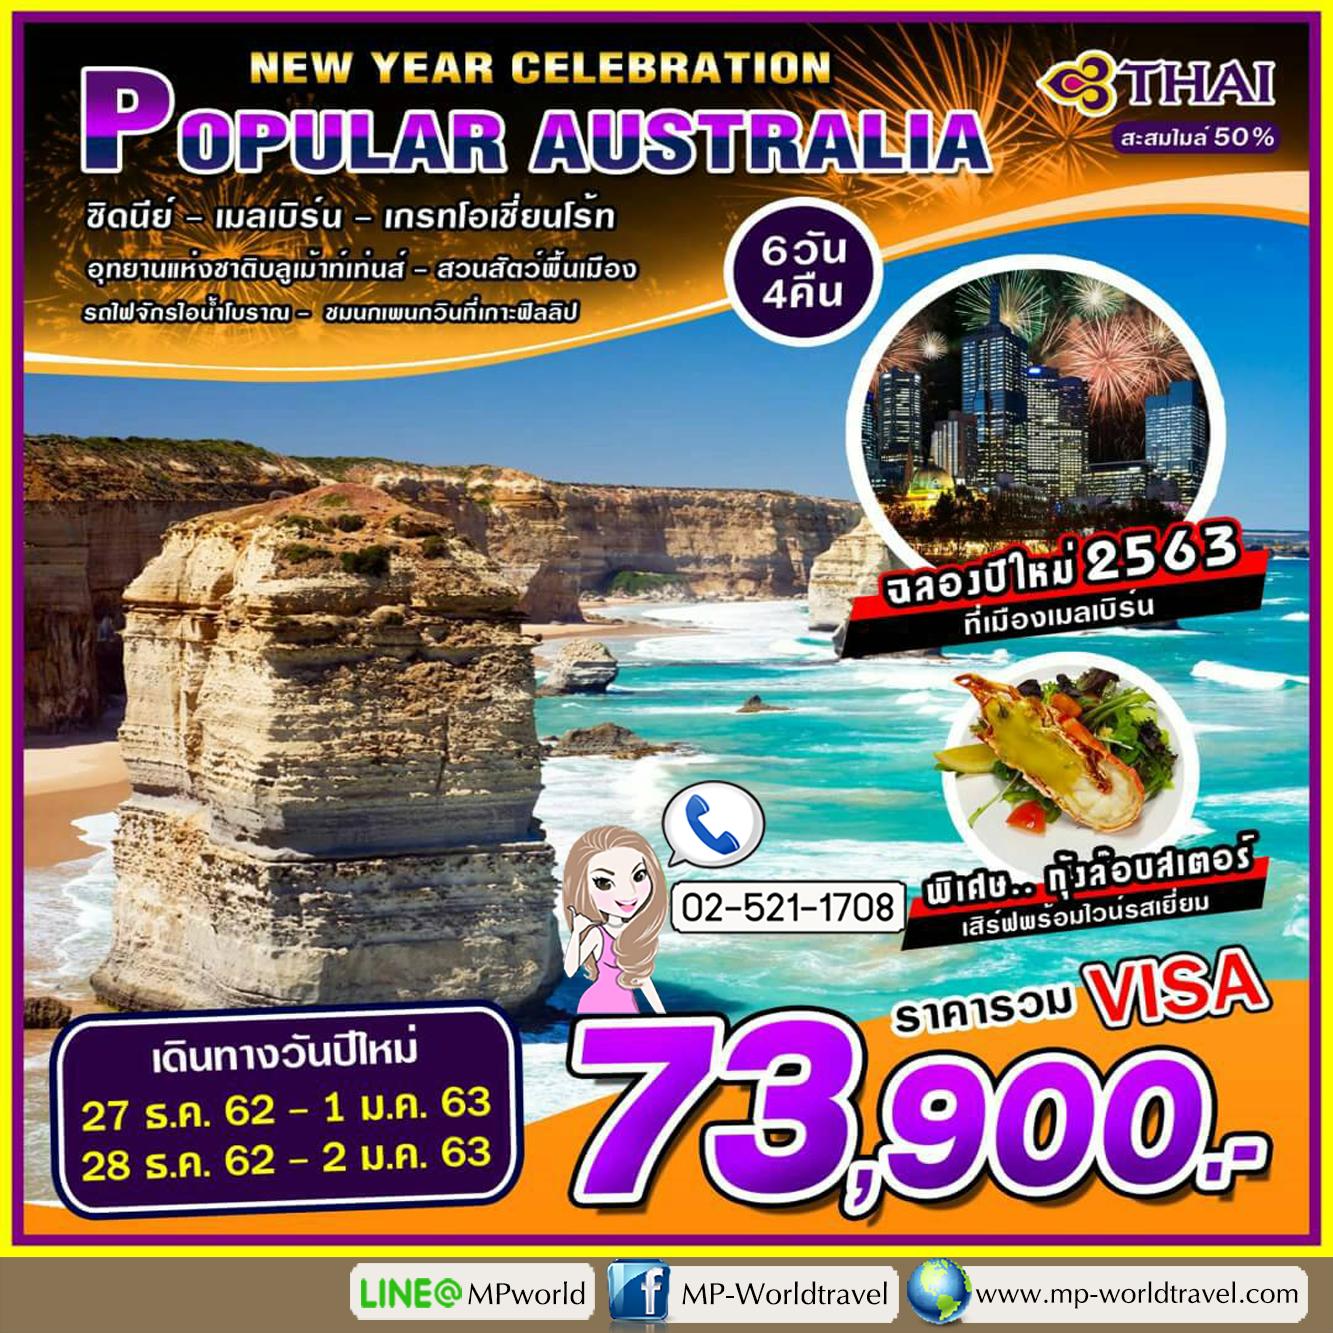 POPULAR AUSTRALIA NEW YEAR 28DEC19-2JAN20 6D 4N TG